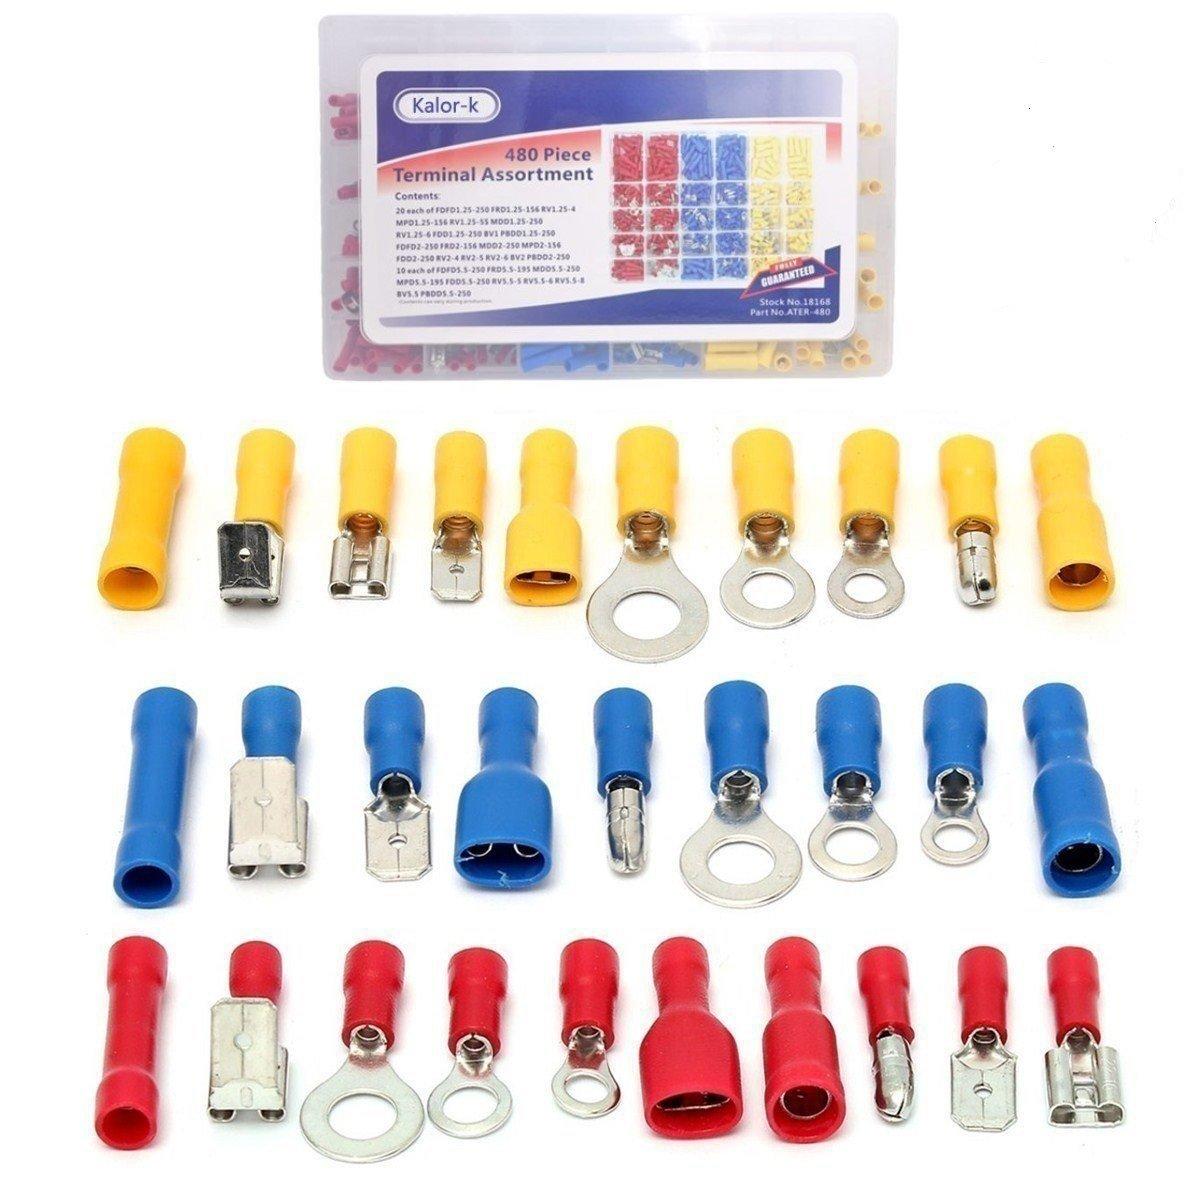 KalorK Surtido de terminales para cable elé ctrico, 480 piezas, 12 tamañ os, conectores, anillos, culatas y palas, incluye caja